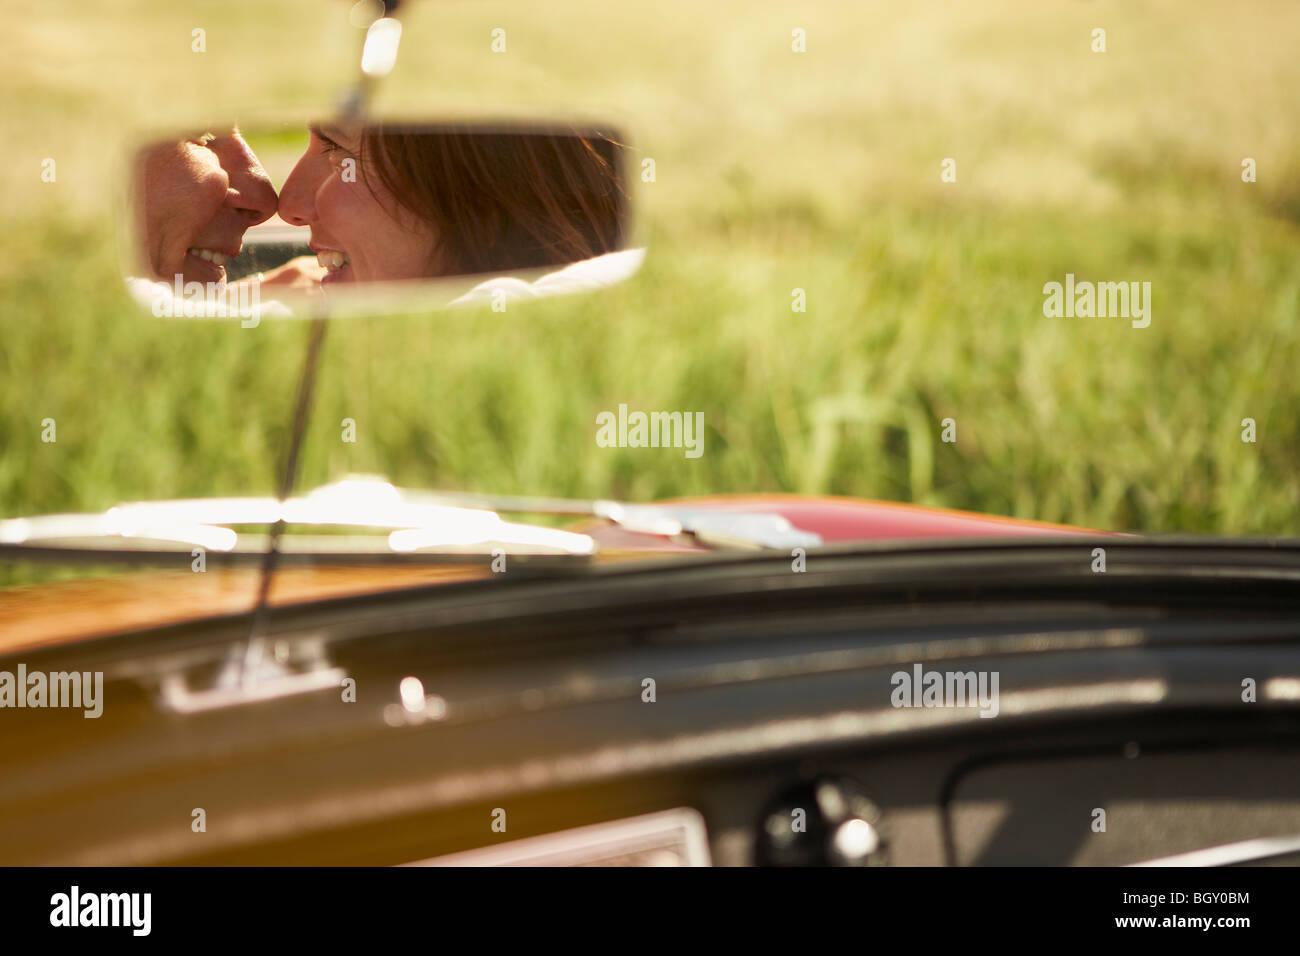 Matura in specchio retrovisore, kiss Immagini Stock